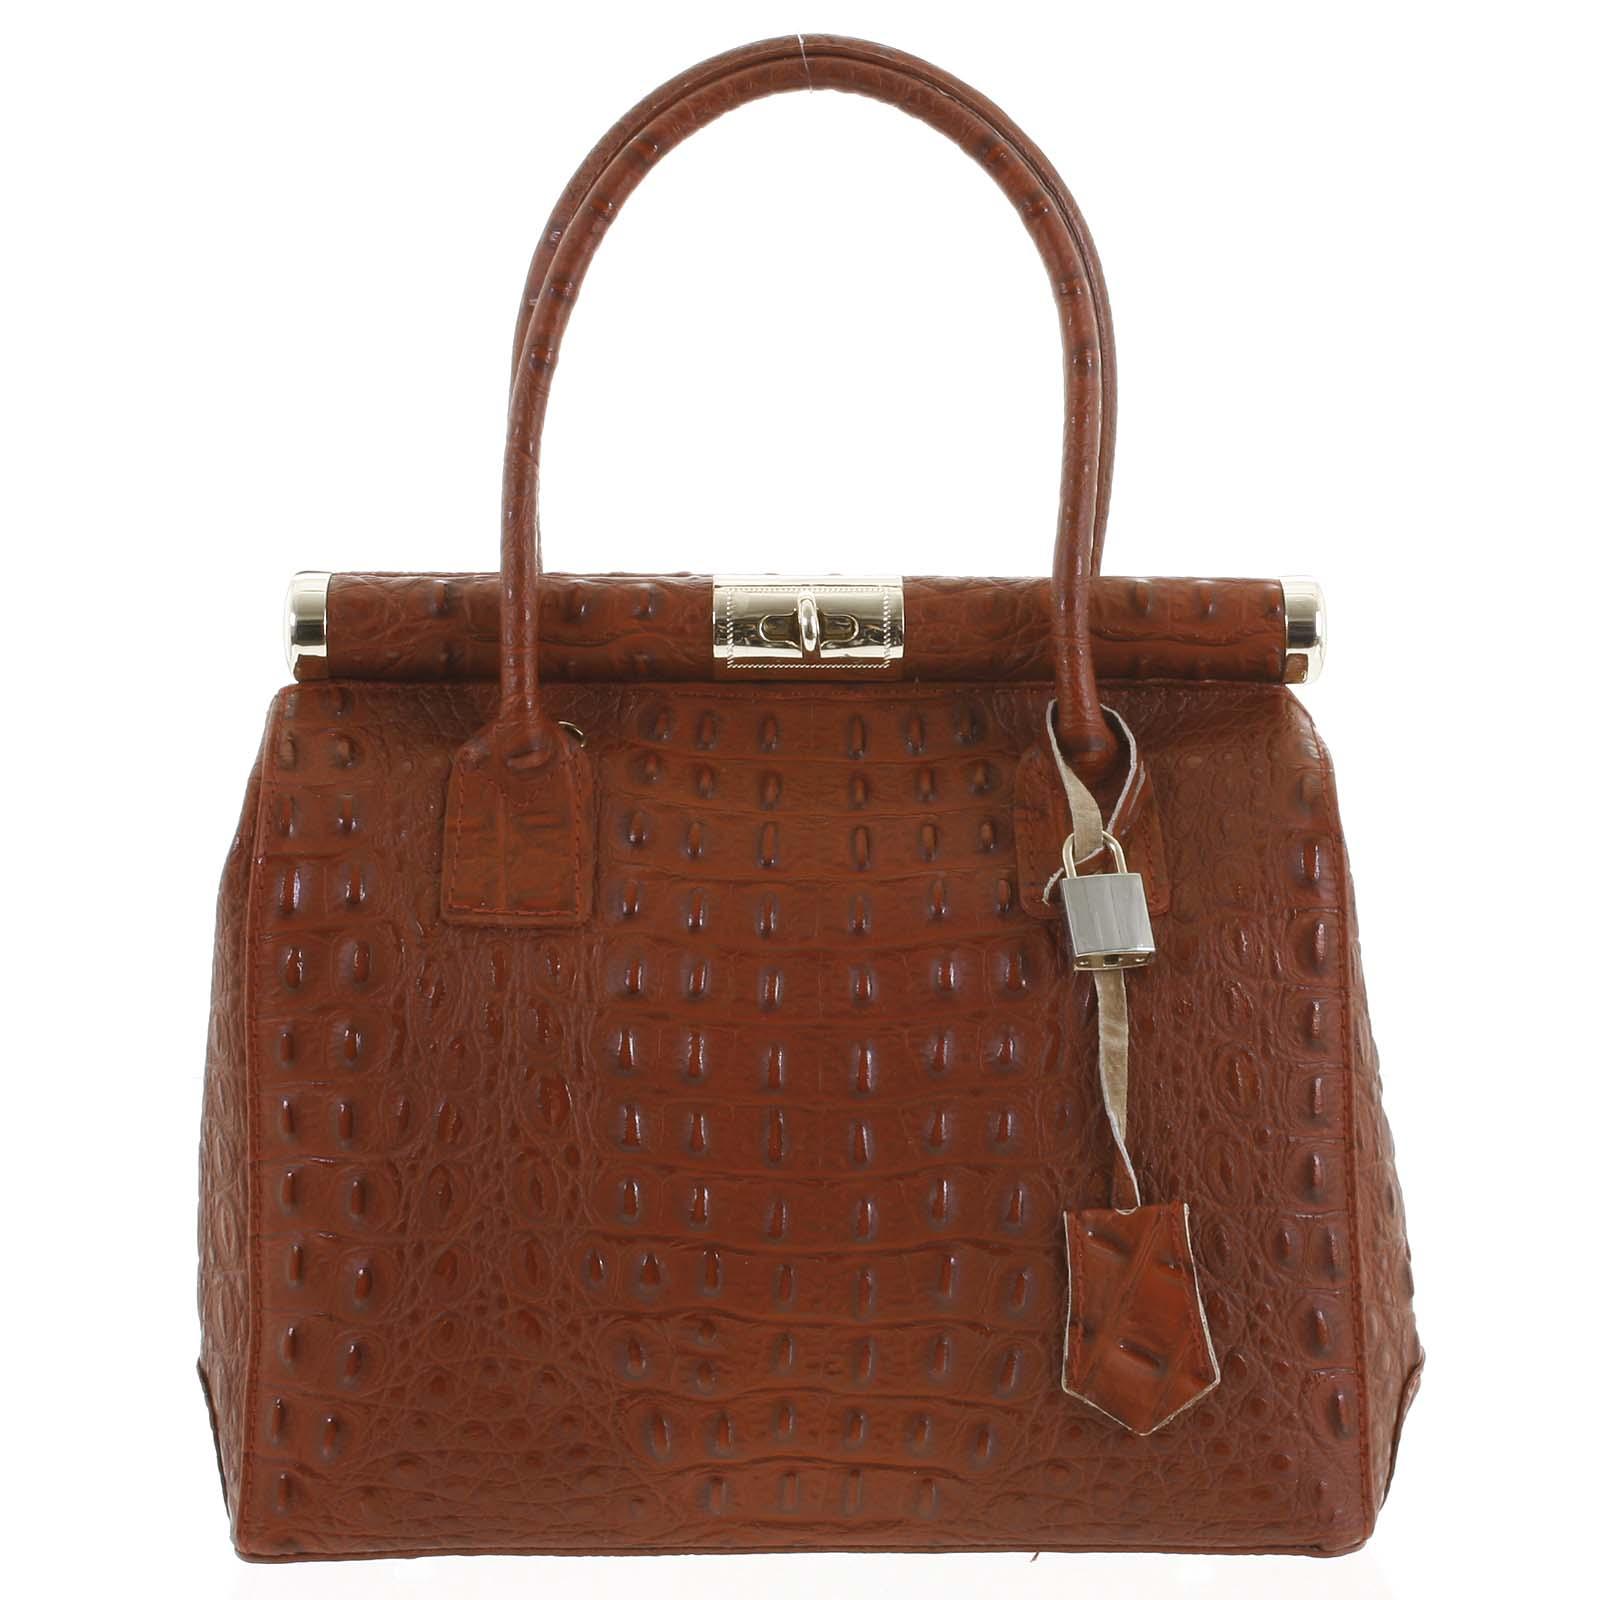 Luxusní dámská kožená kabelka do ruky tmavě červená - ItalY Hyla Kroko